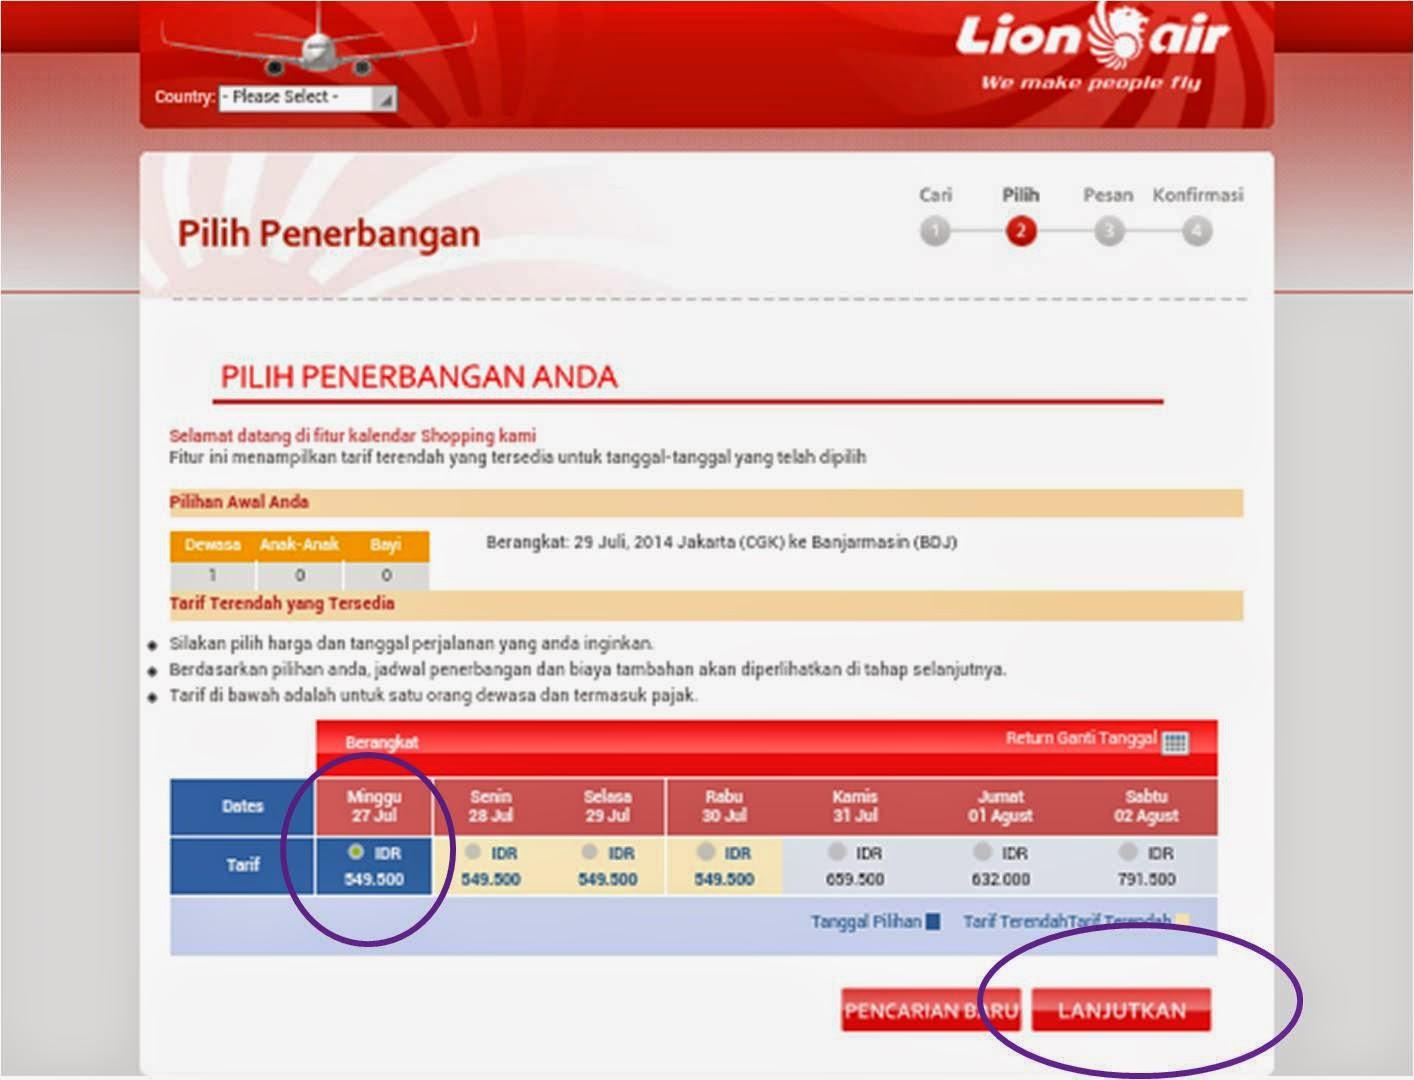 Cara Membeli Tiket Lion Air Online - Mari Ngenet